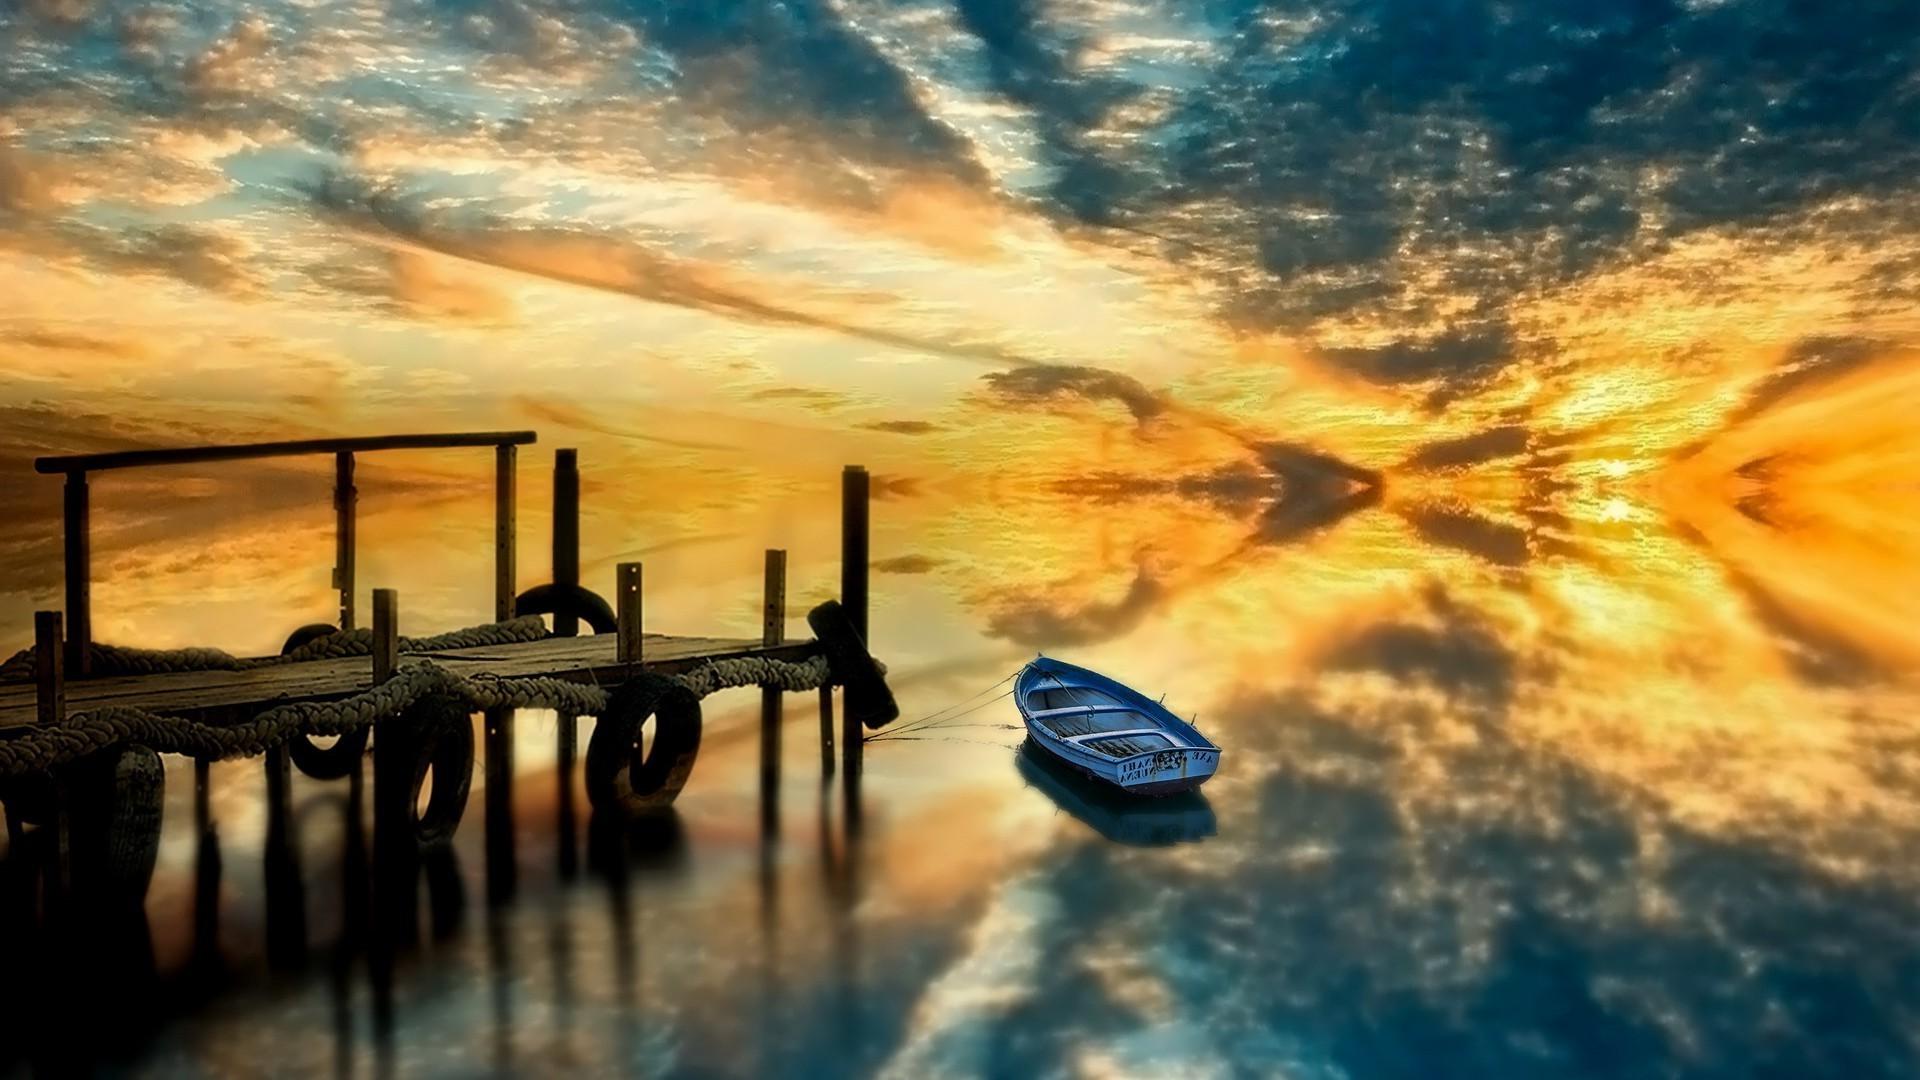 Картинки на рабочий стол лодка на воде